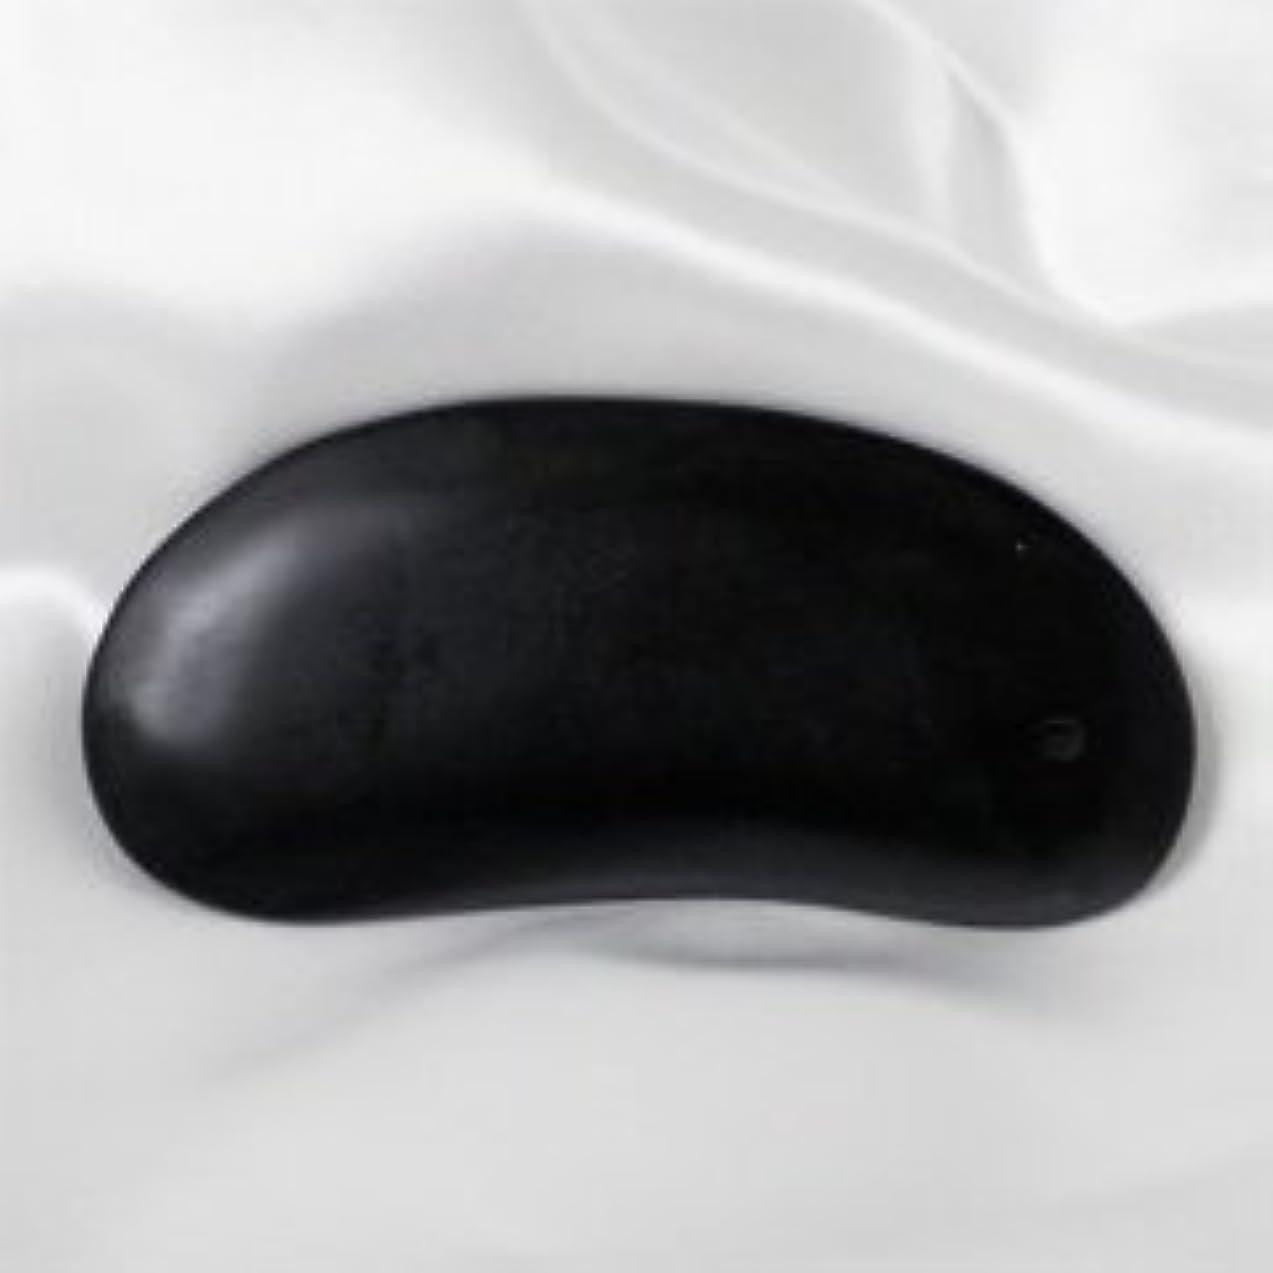 キャプチャーサッカーレイプ天然ベン石(泗濱浮石 しふんせき) カッサ、マッサージプレート